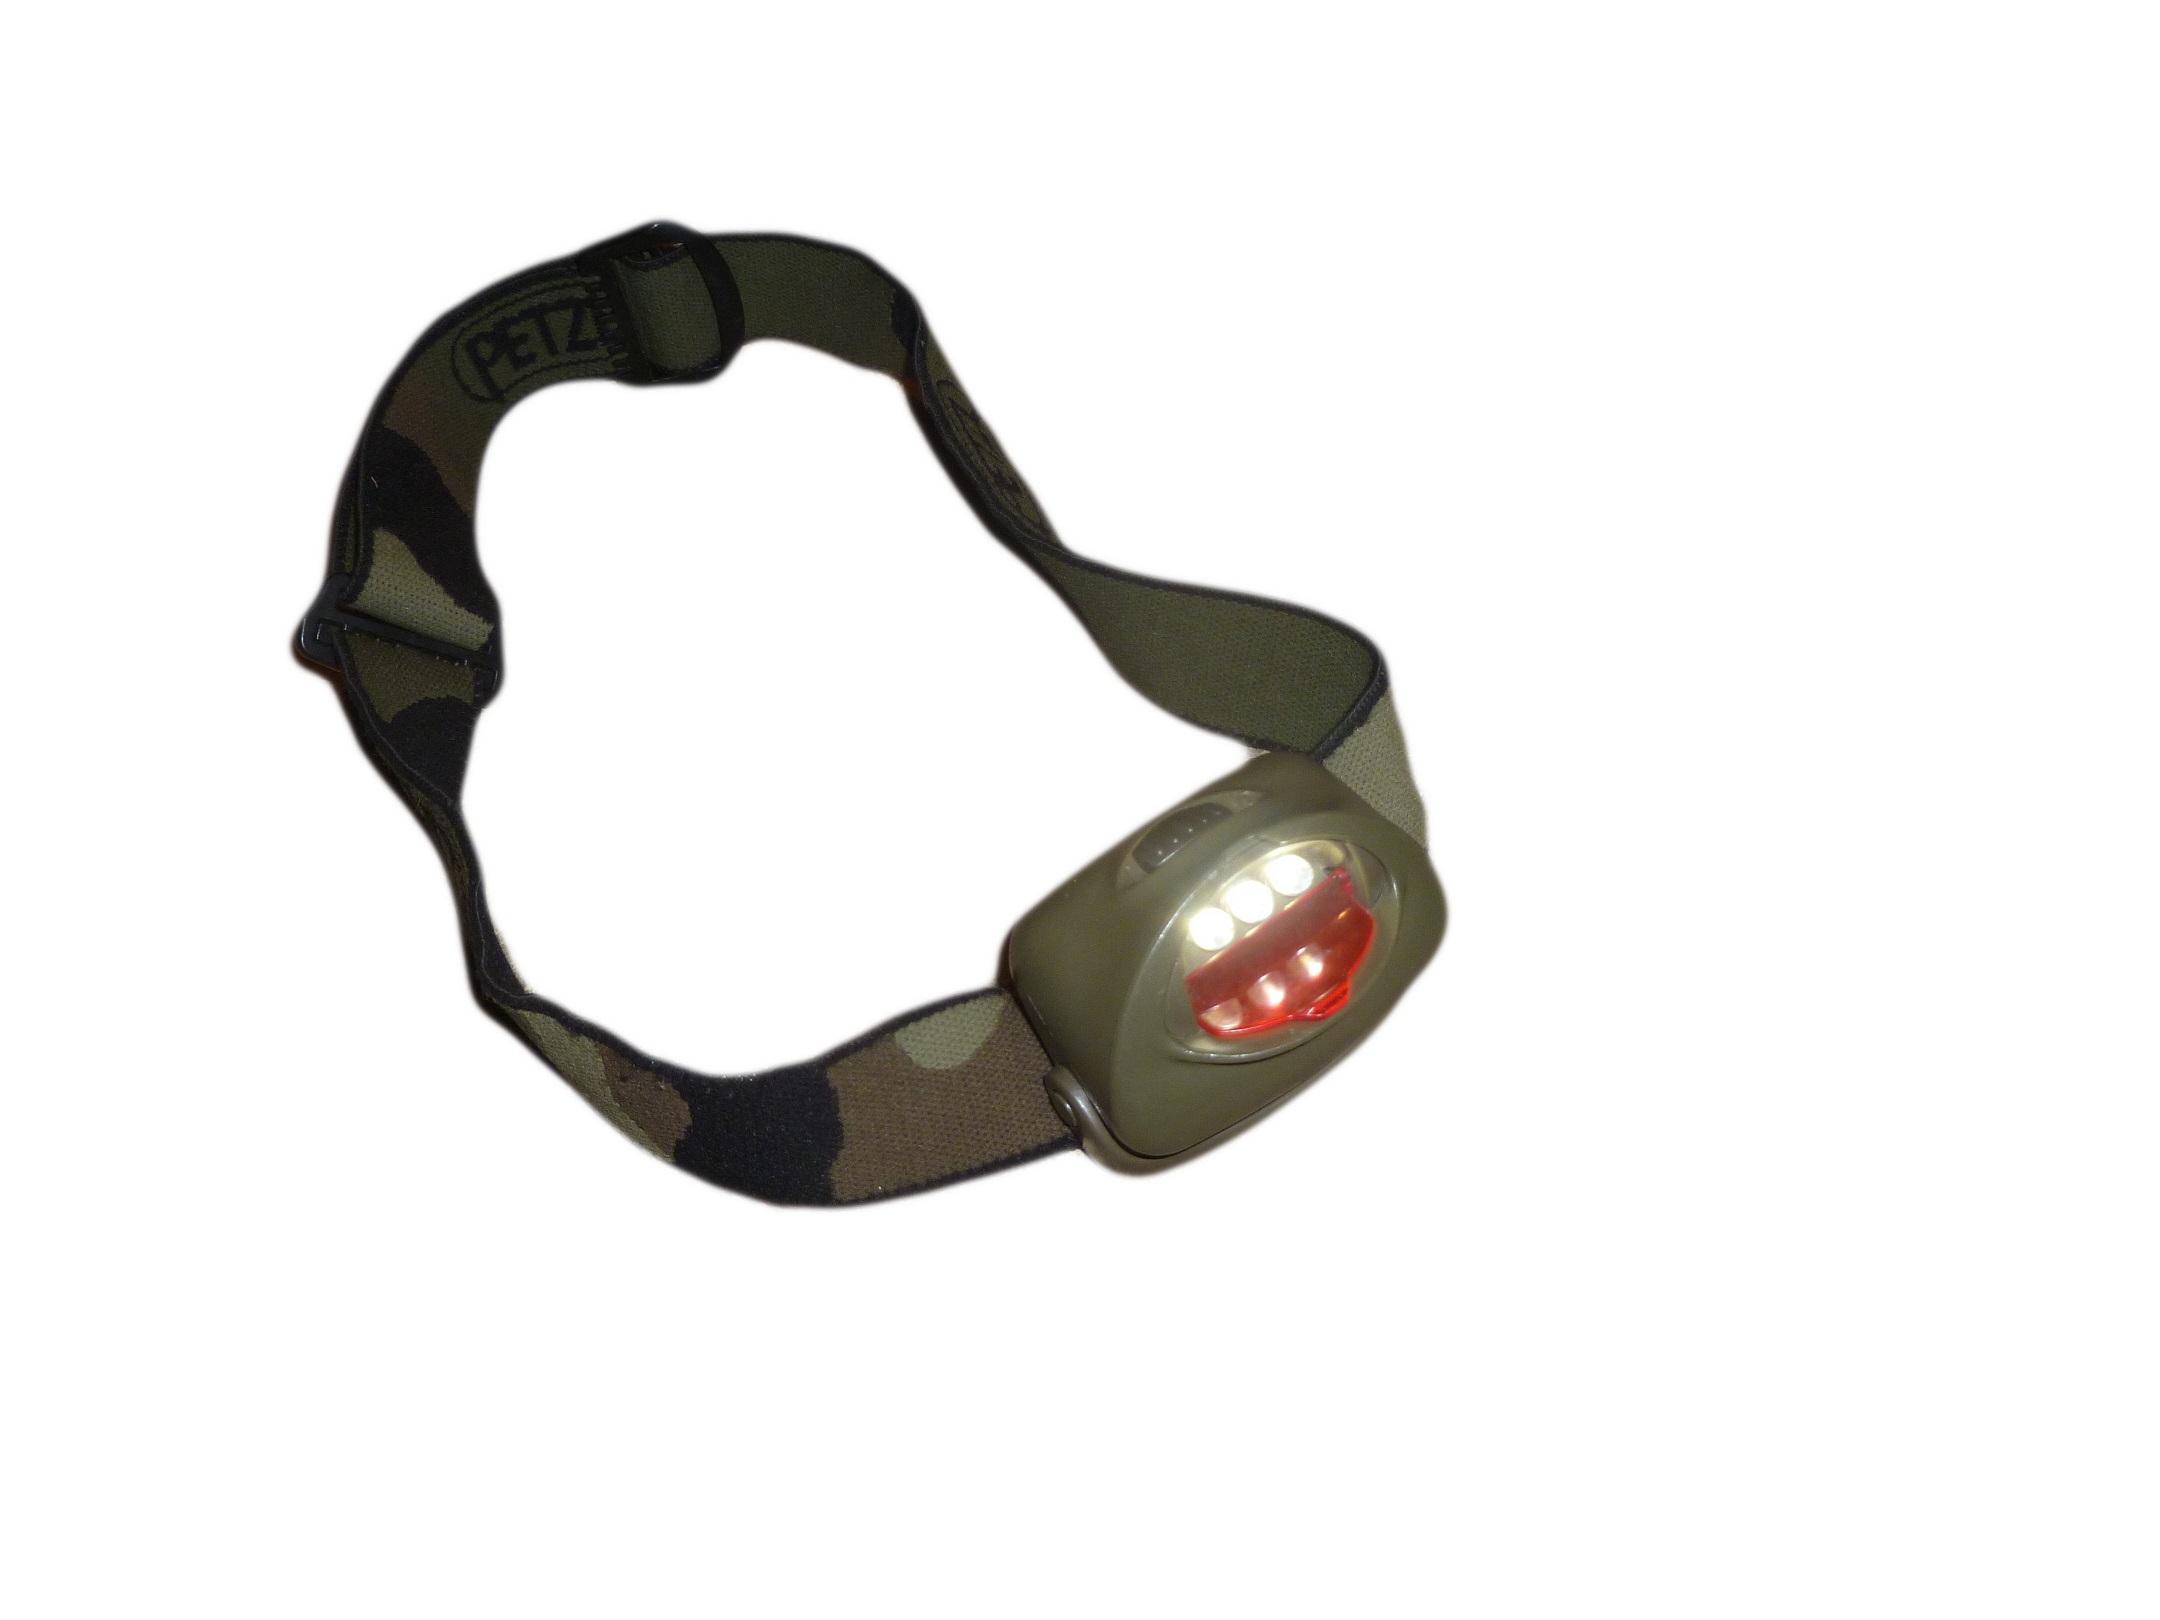 Exemple d'éclairage sans filtre de la Petzl Tactikka Camo